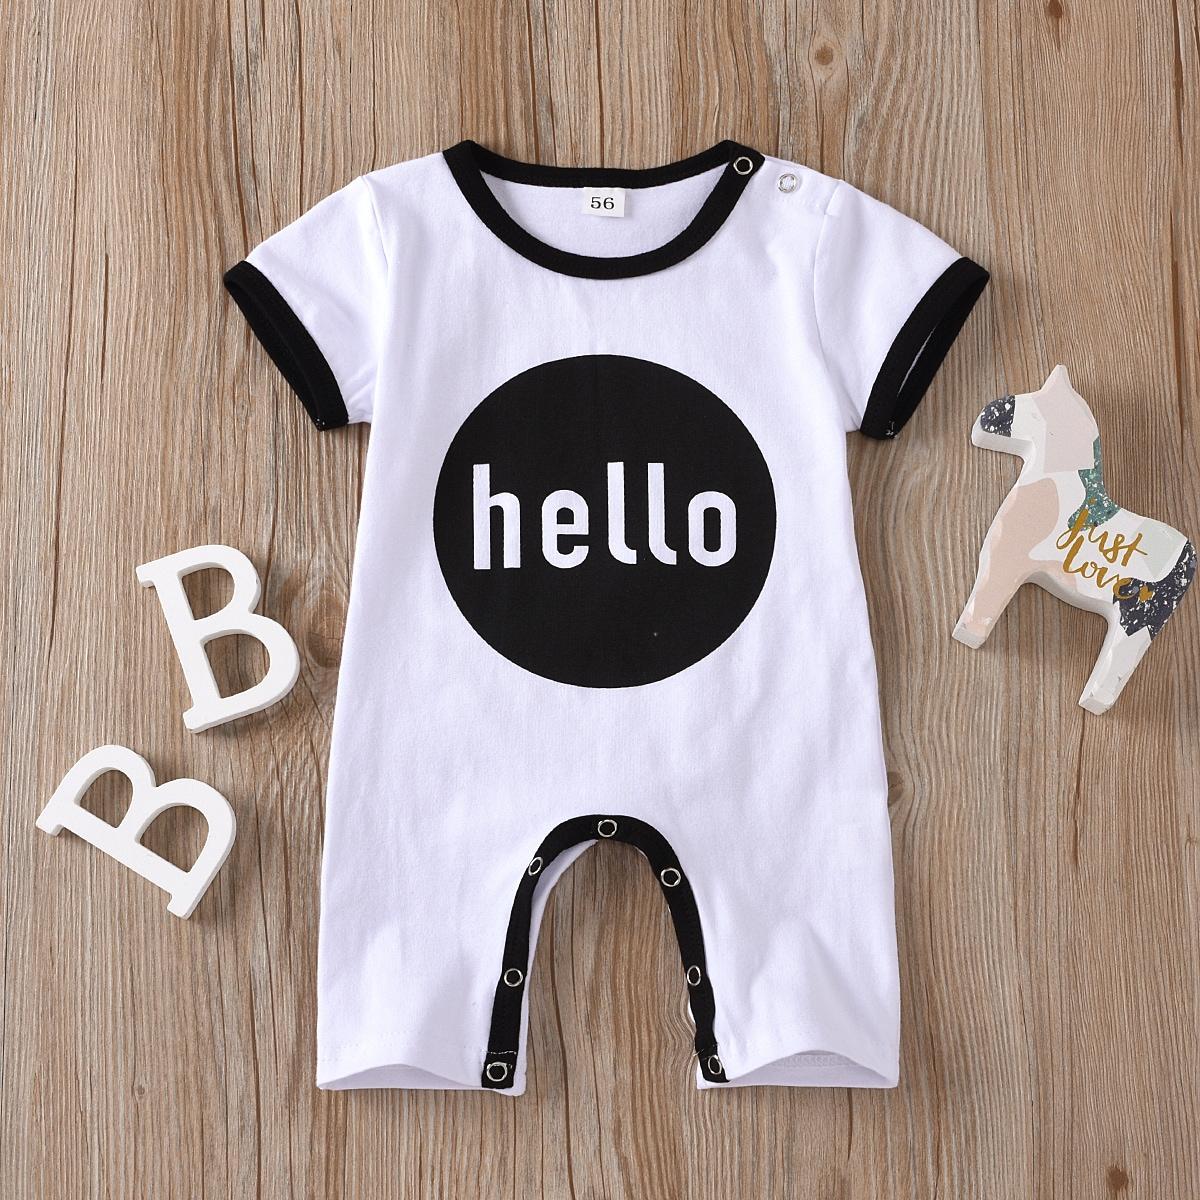 Комбинезон-футболка с текстовым принтом для мальчиков от SHEIN